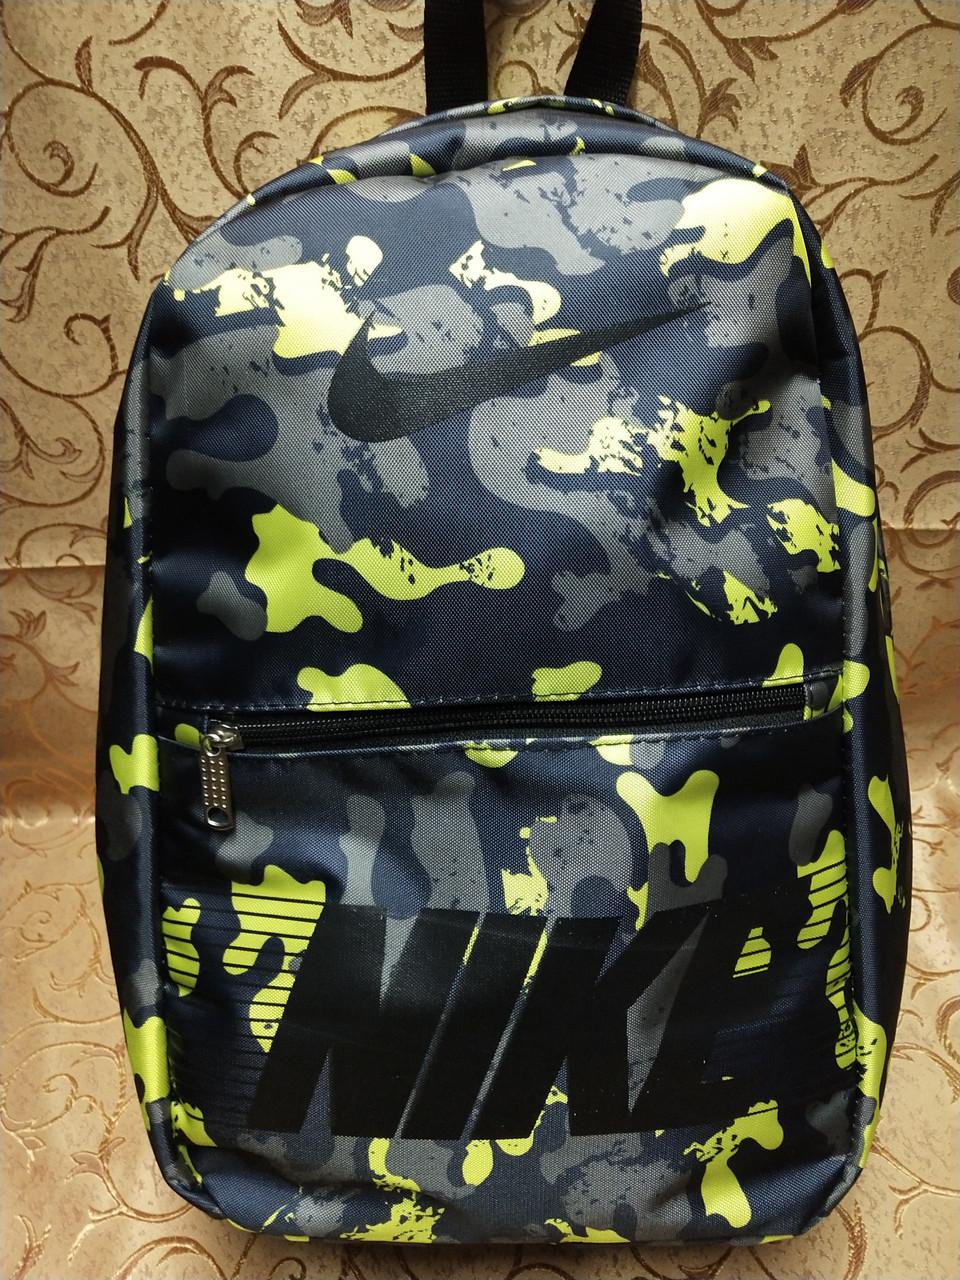 ПРИНТ рюкзак nike спортивный спорт городской стильный(только опт)